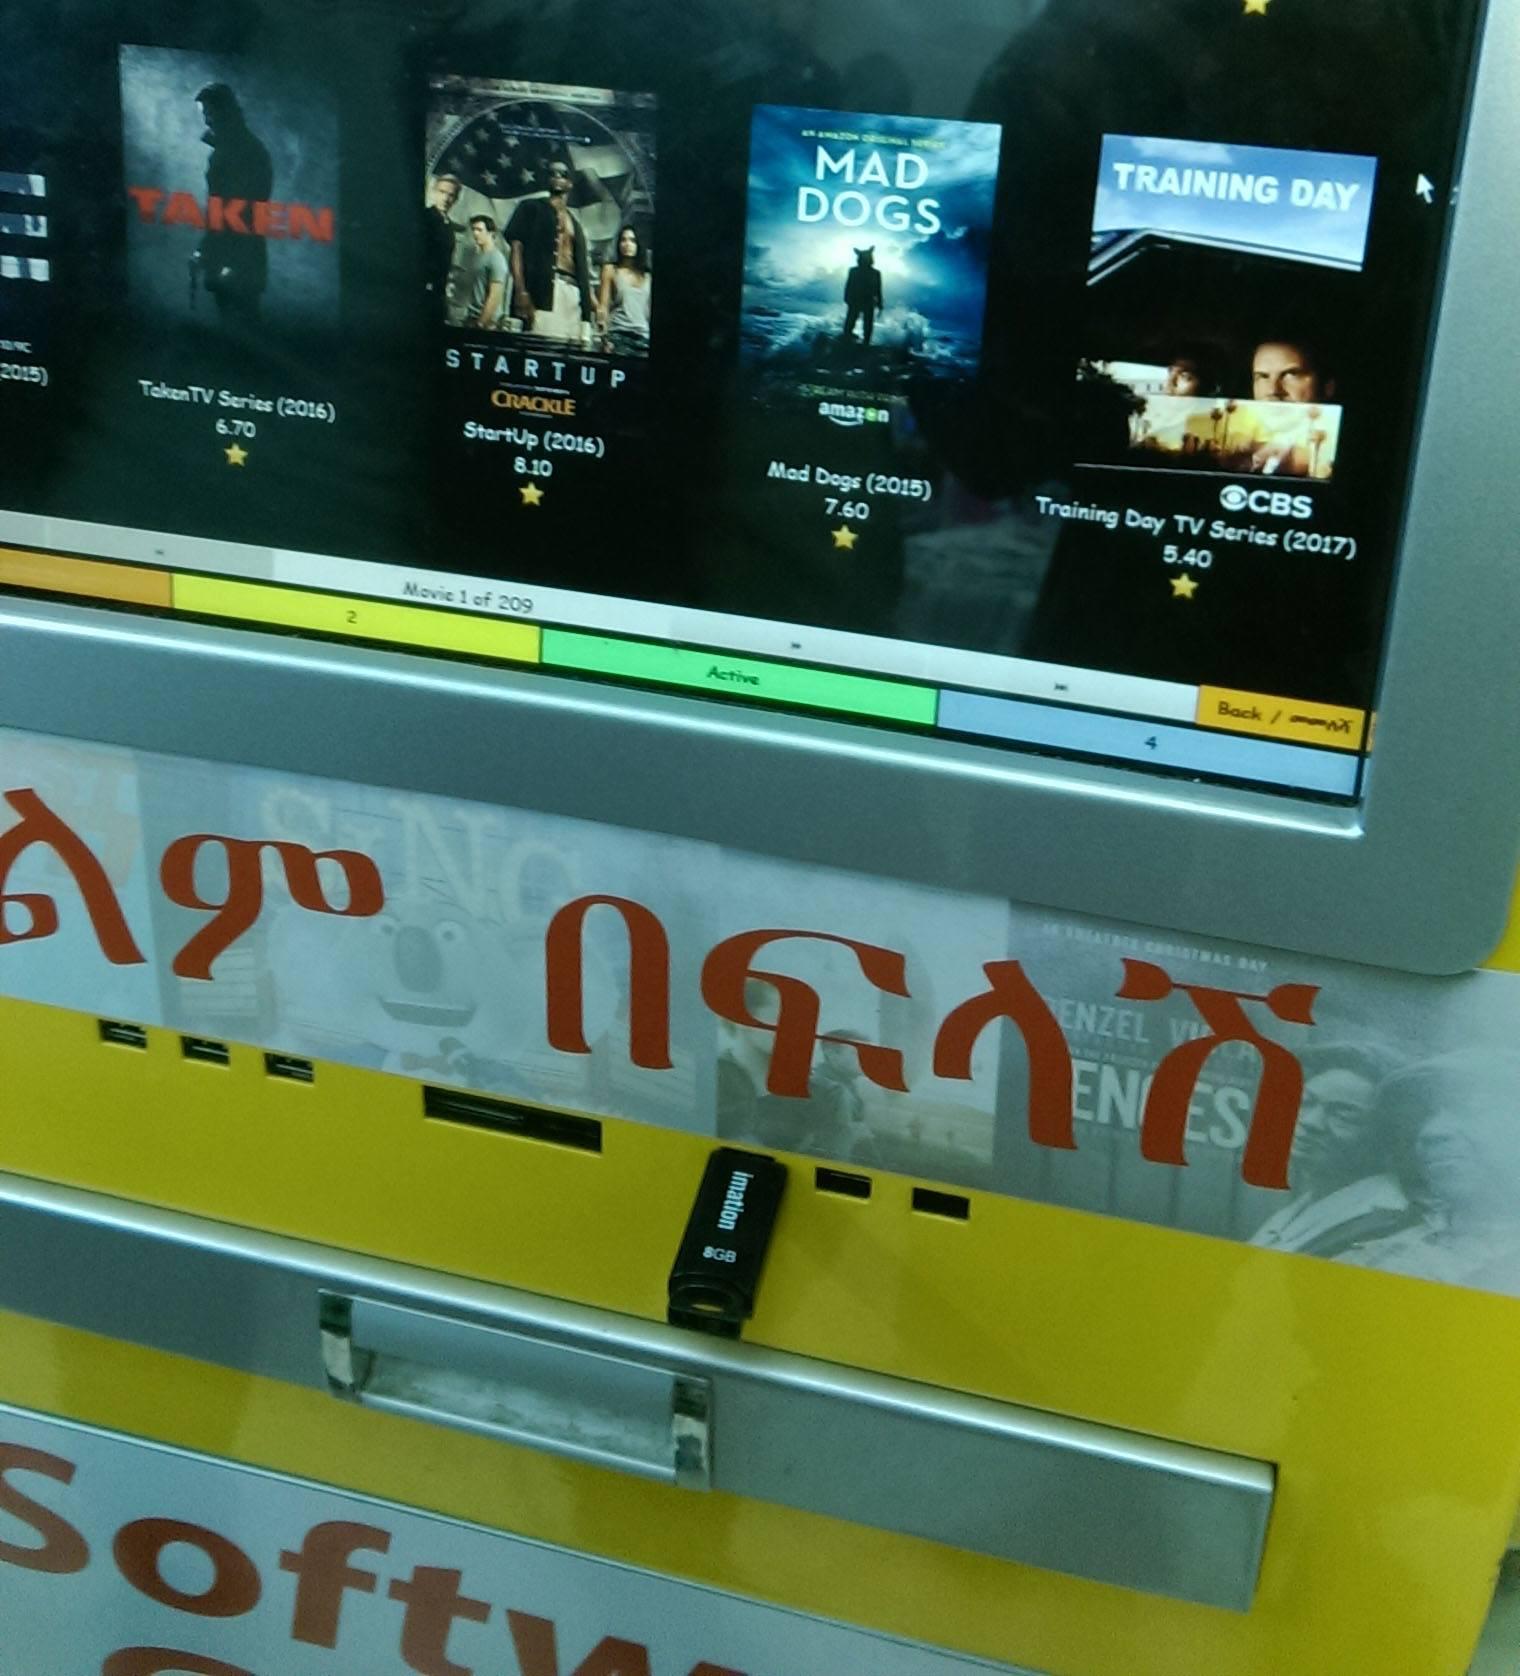 В Эфиопии пиратские фильмы распространяют при помощи терминалов - 4